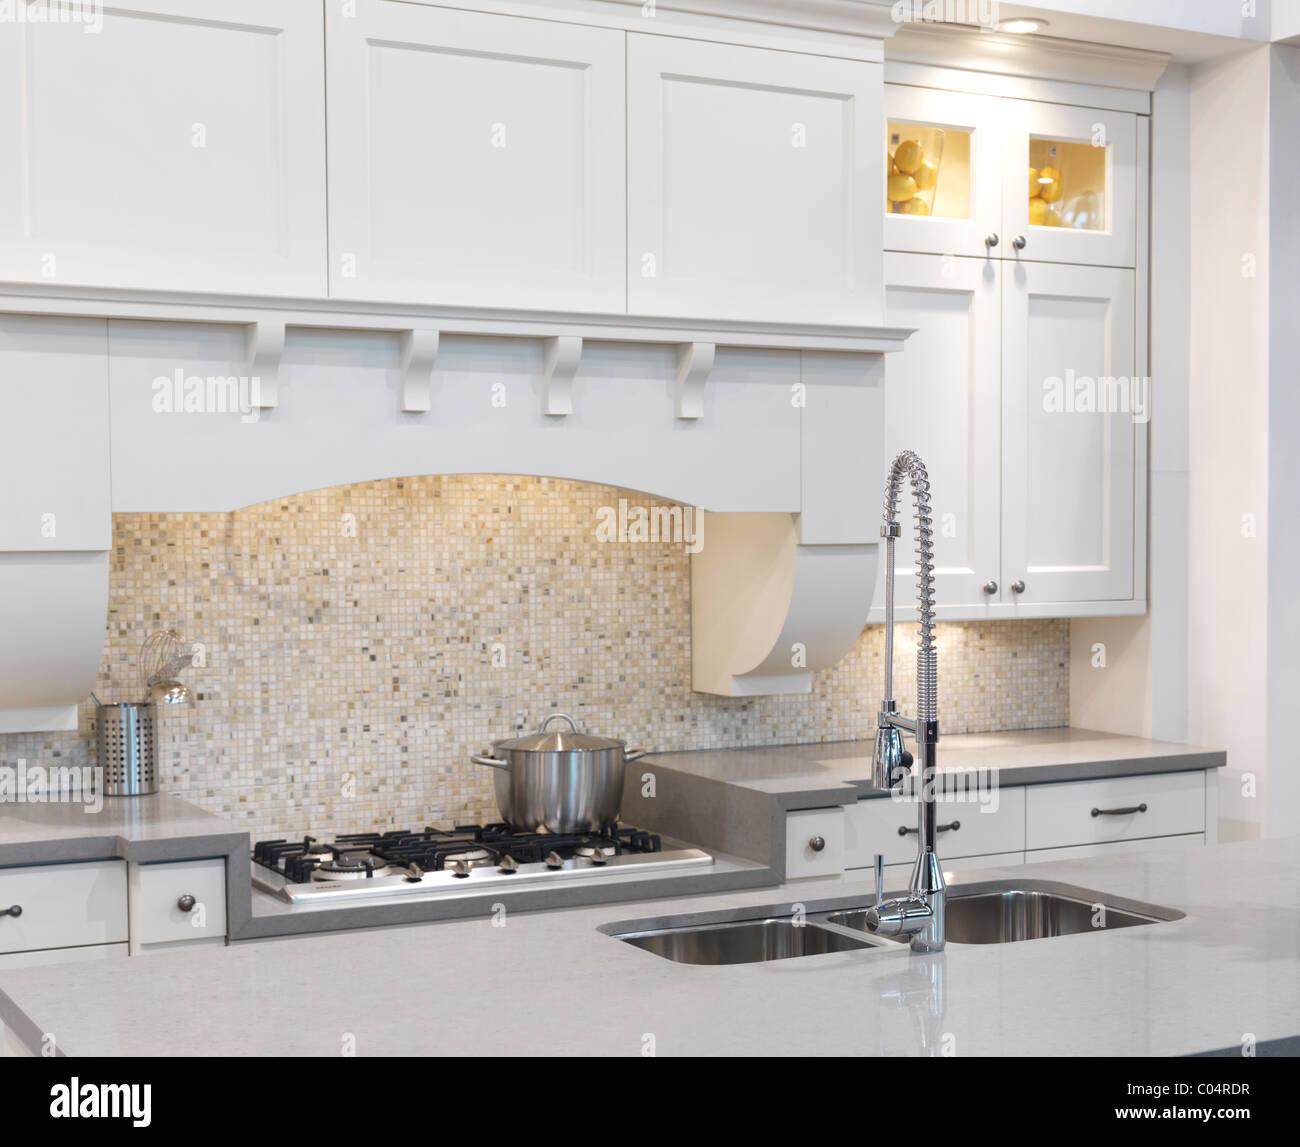 Modern kitchen interior design - Stock Image